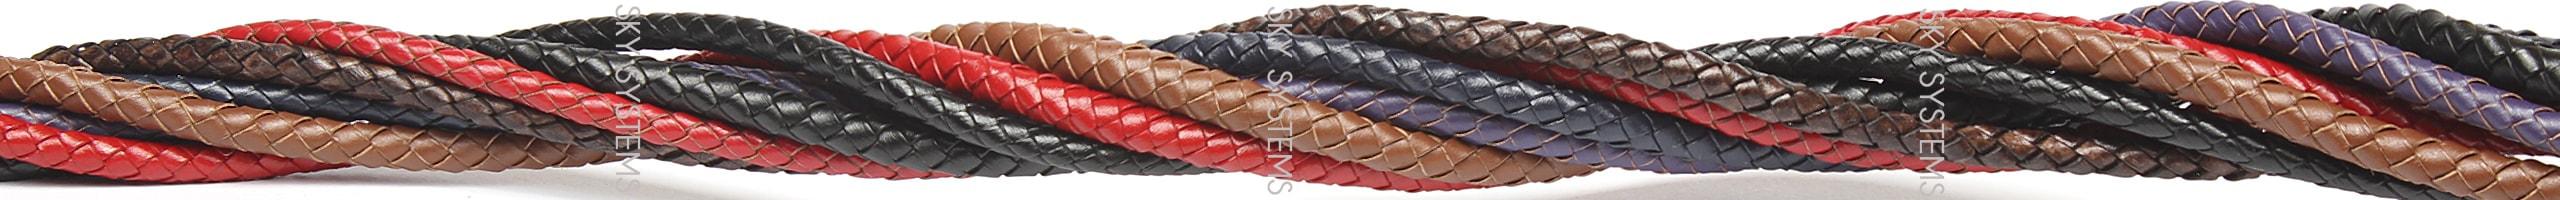 Цветные кожаные плетеные шнуры Скай